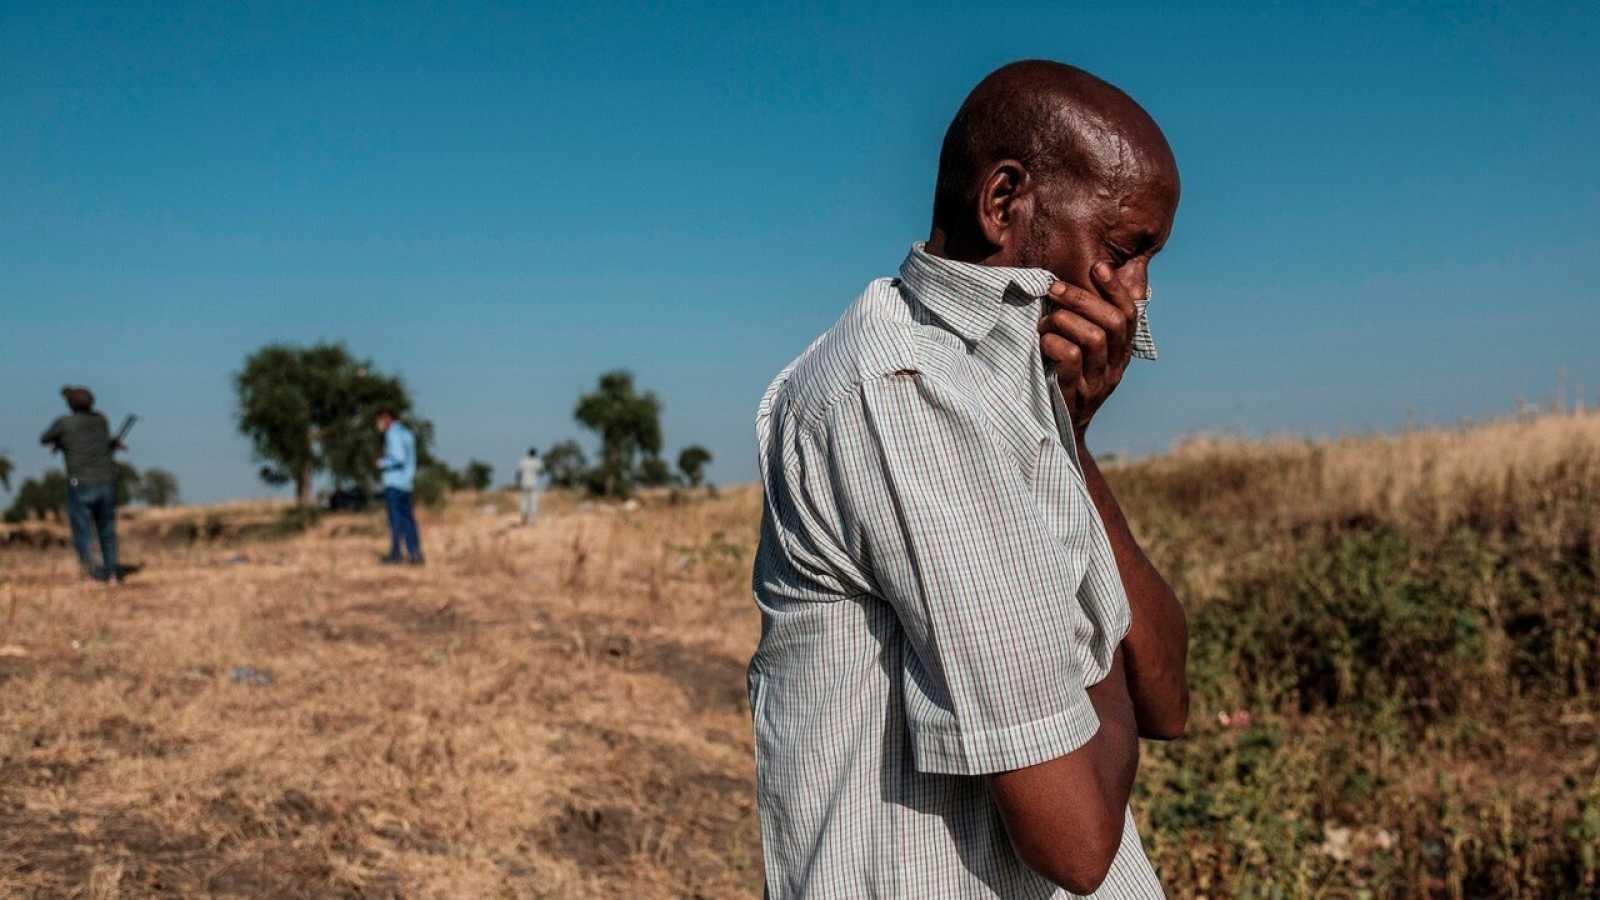 Un hombre llora a las afueras de Maikadra, Etiopía, por las víctimas de la masacre del 9 de noviembre